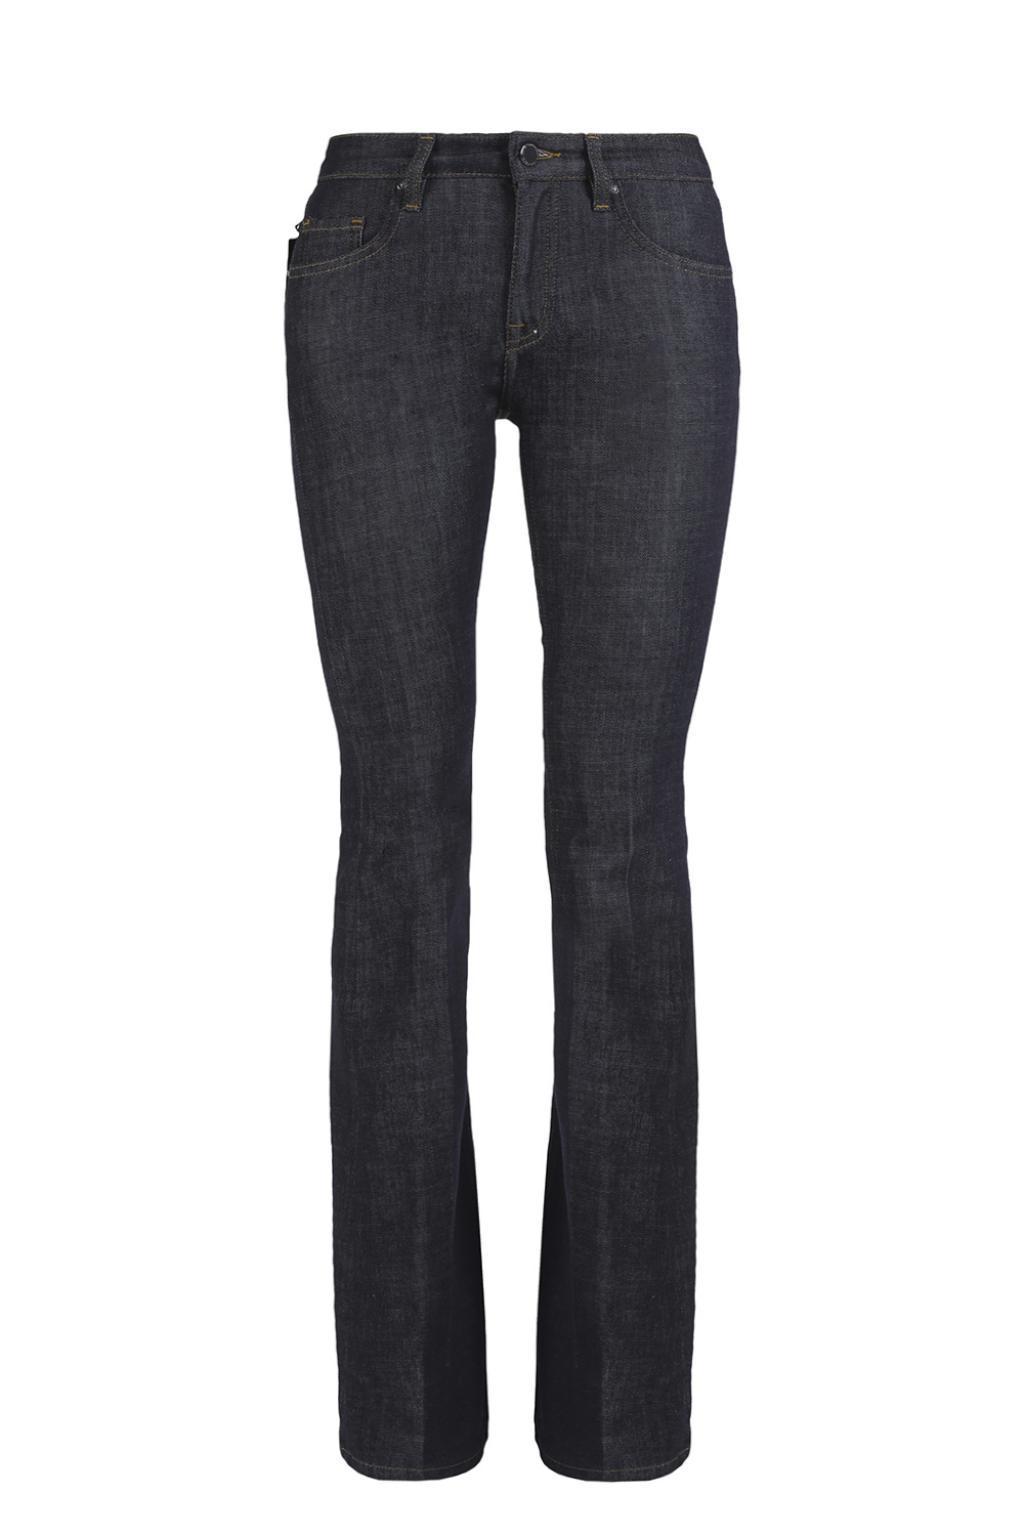 Victoria, Victoria Beckham Woman Low-rise Flared Jeans Dark Denim Size 24 Victoria Beckham